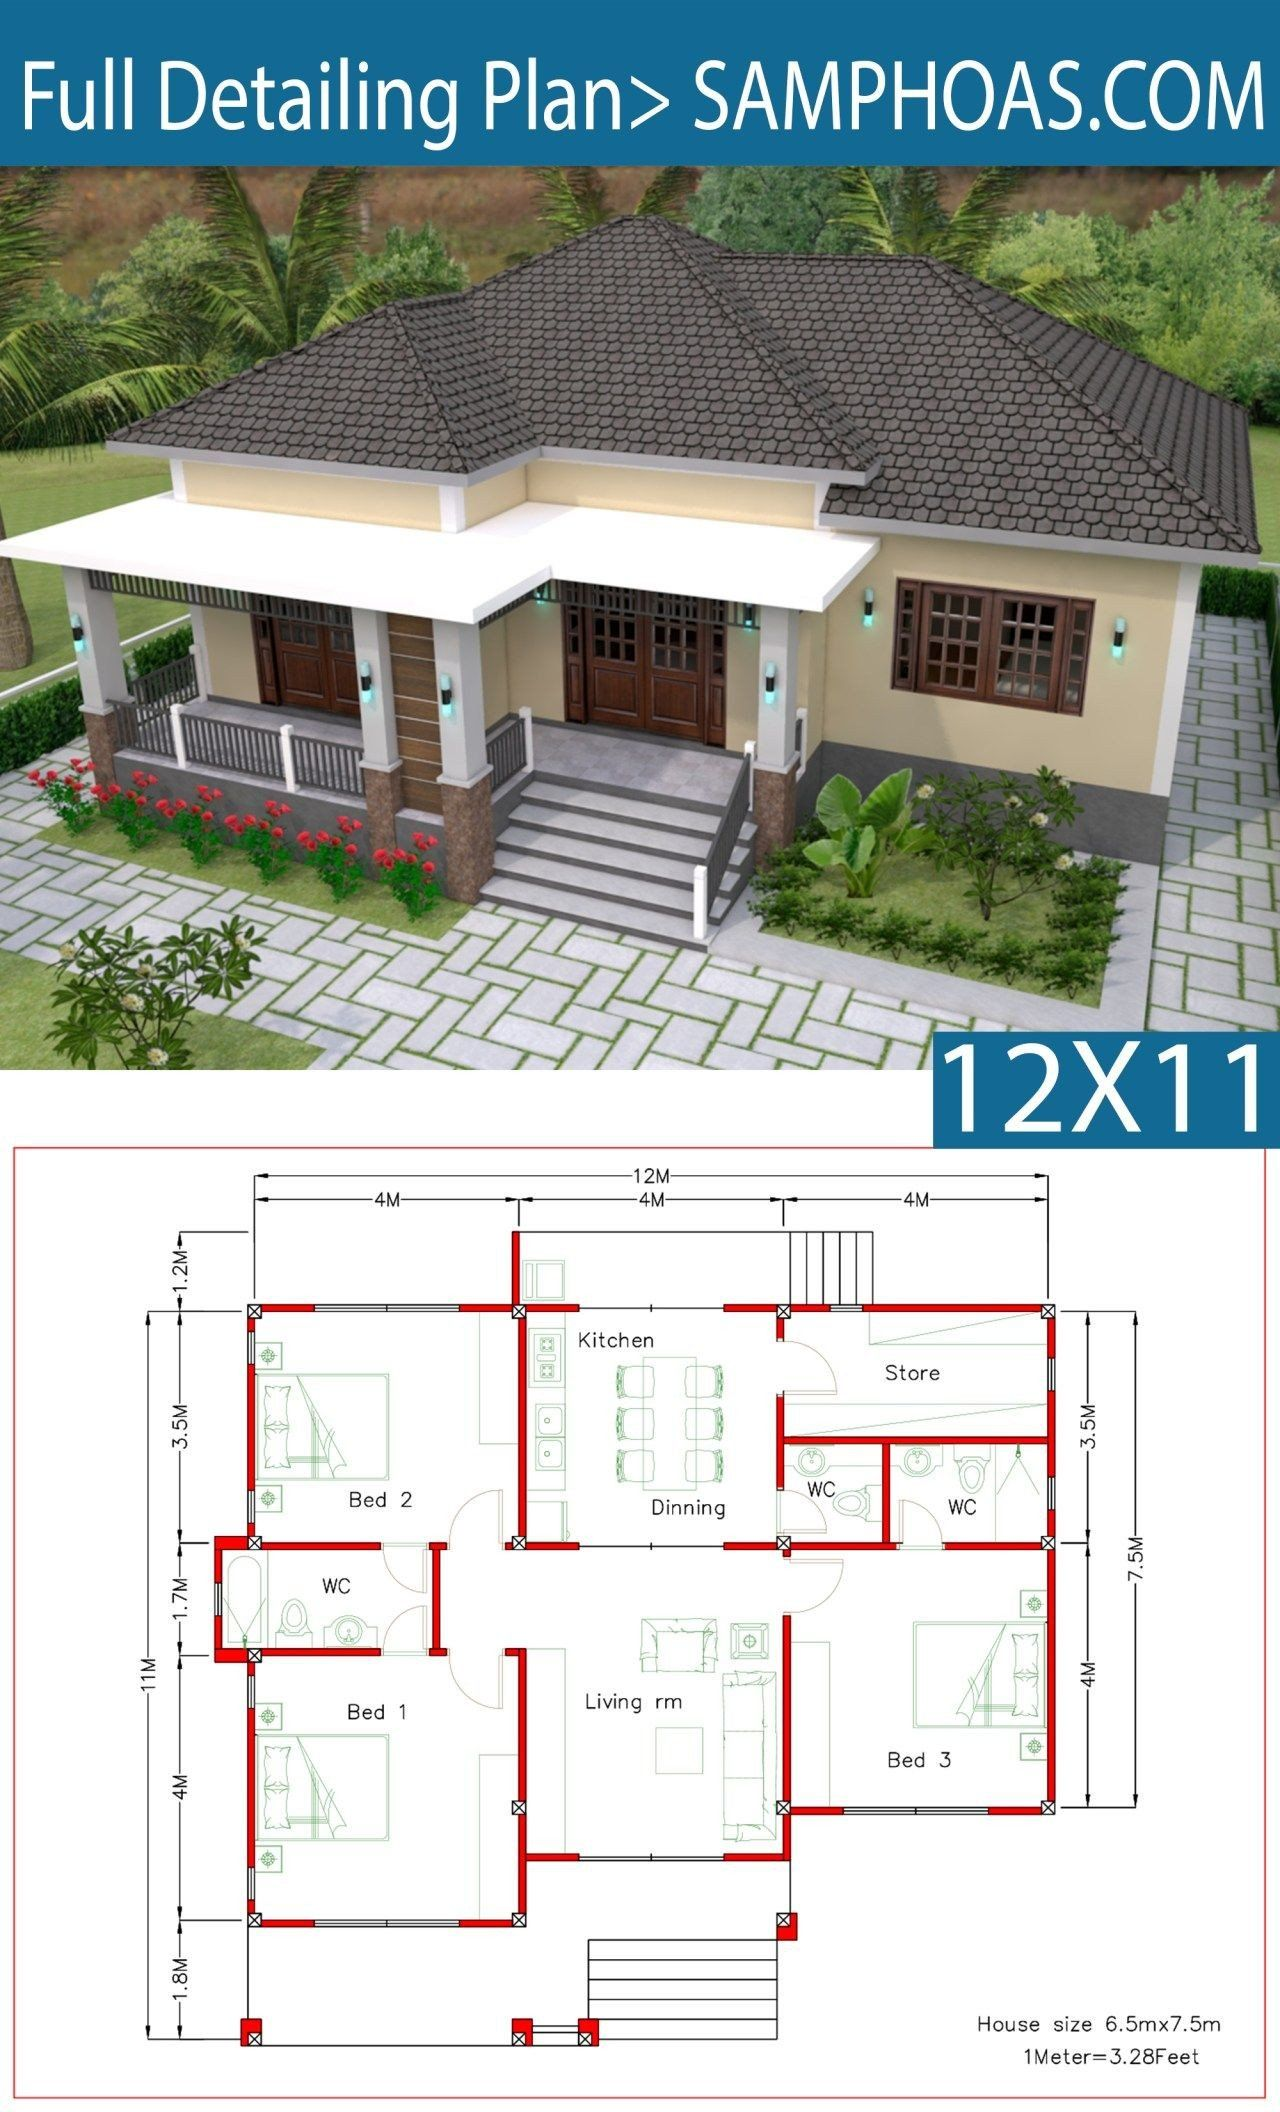 Modern House Interior Design Plan Interior Design Plan 12x11m With Full Plan 3beds In 2020 Planos De Casas Medidas Planos De Casas Casas De 1 Piso